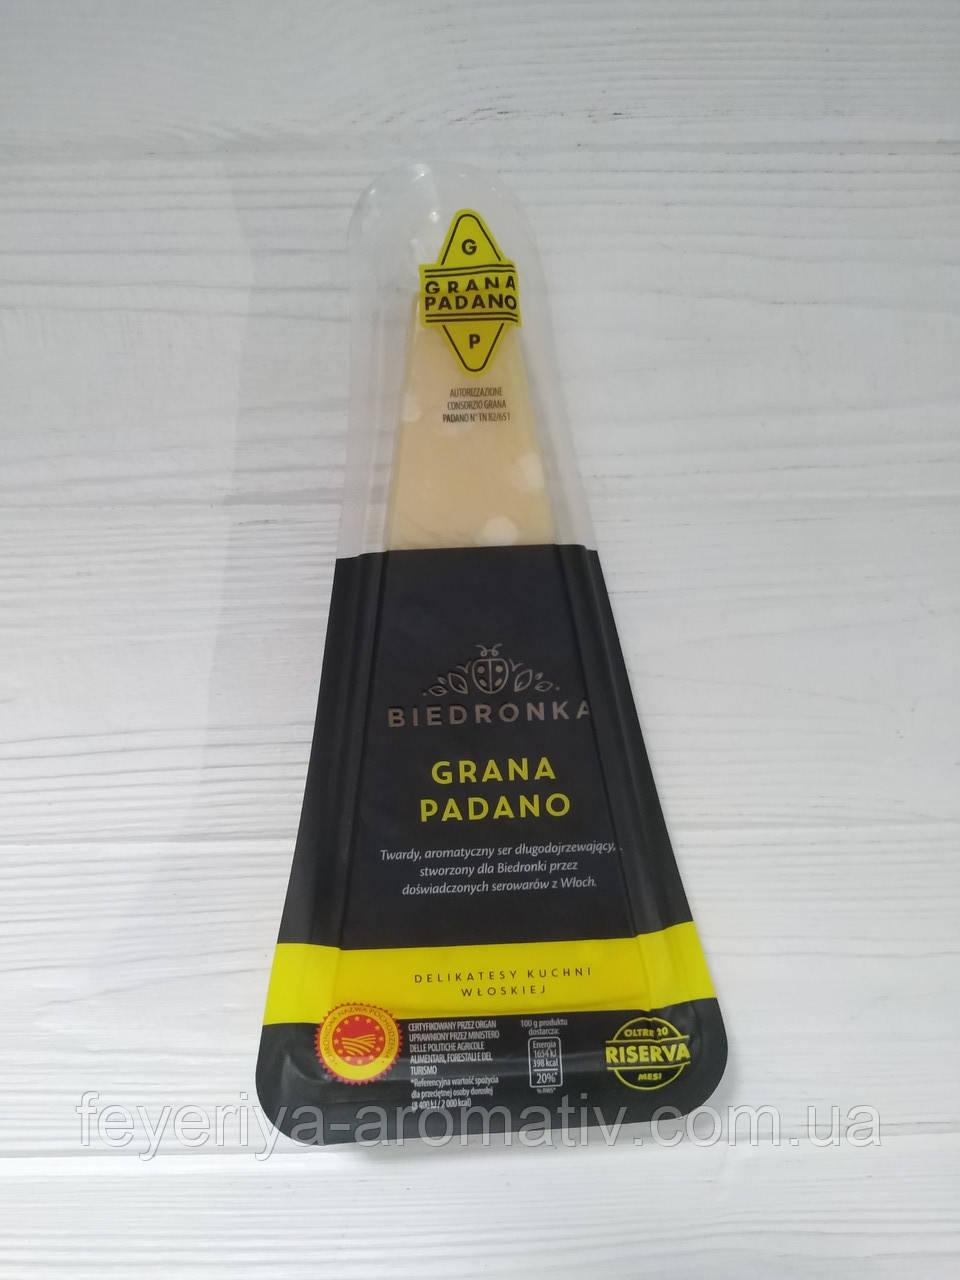 Сыр твердый Biedronka Grana padano 20miesiecy, 200гр (Польша)